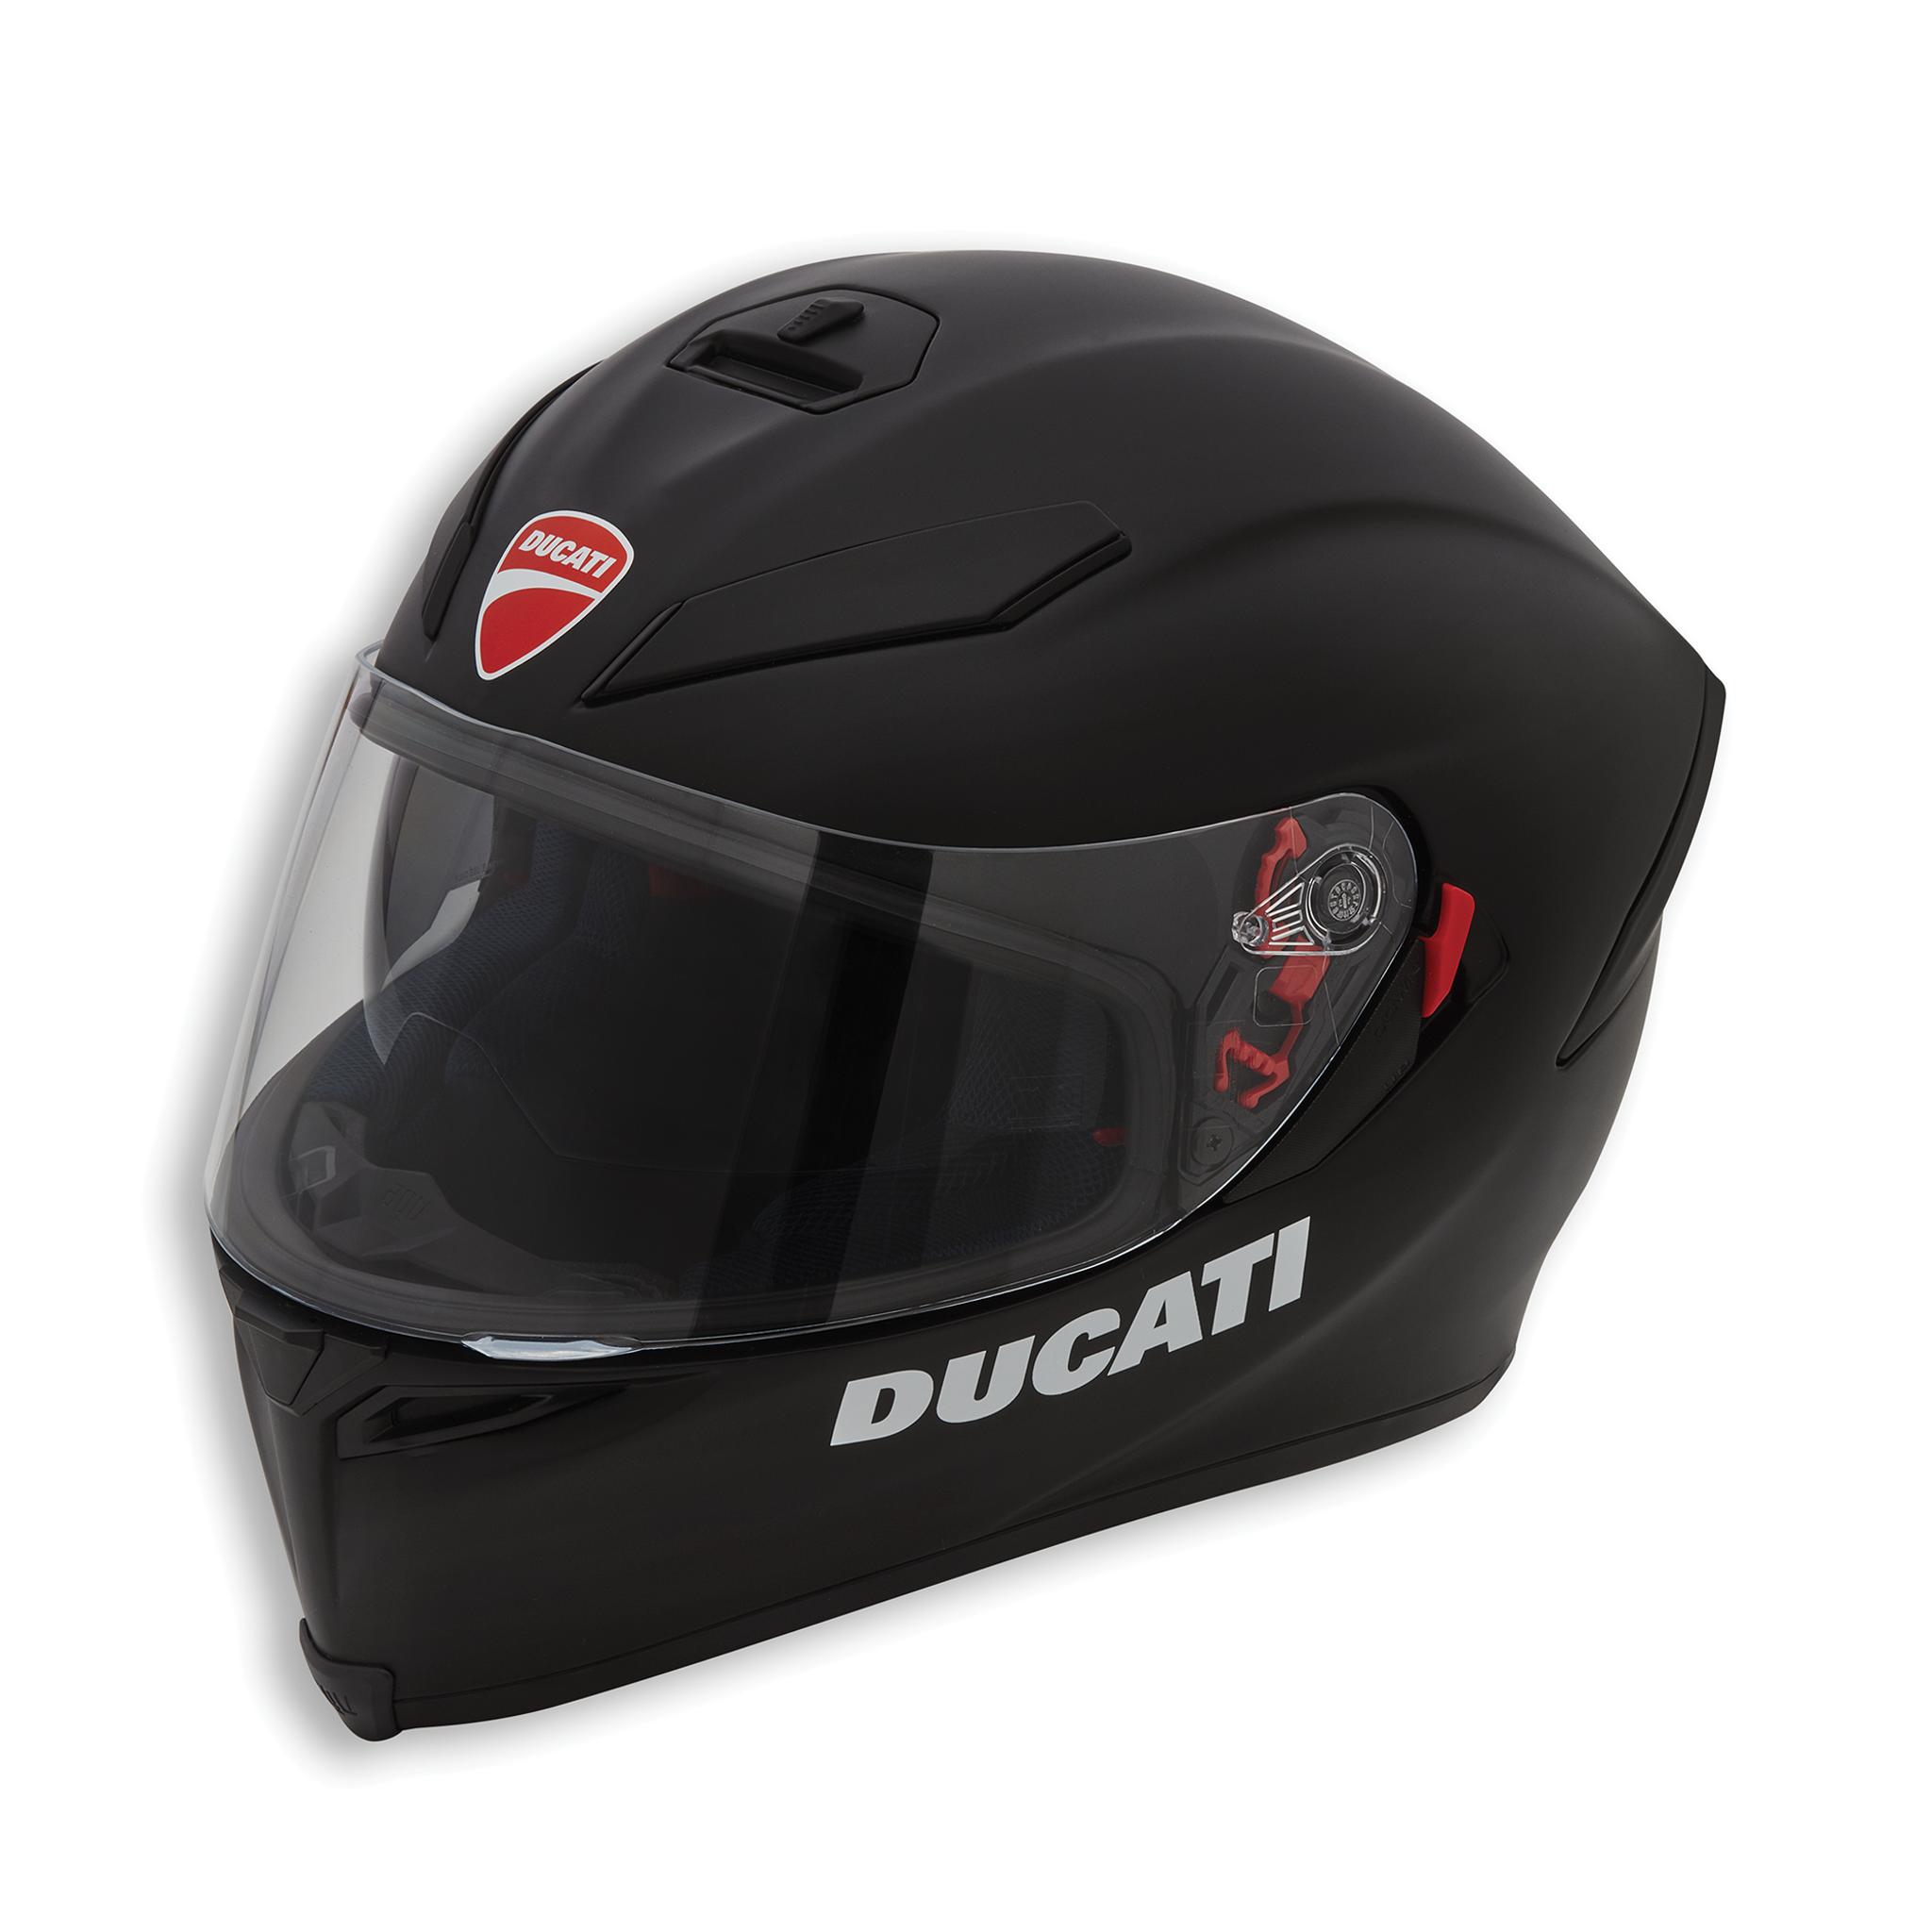 Ducati Dark Rider V2 Motorcycle Helmet Matte Flat Black Agv K 5 K5 98103682